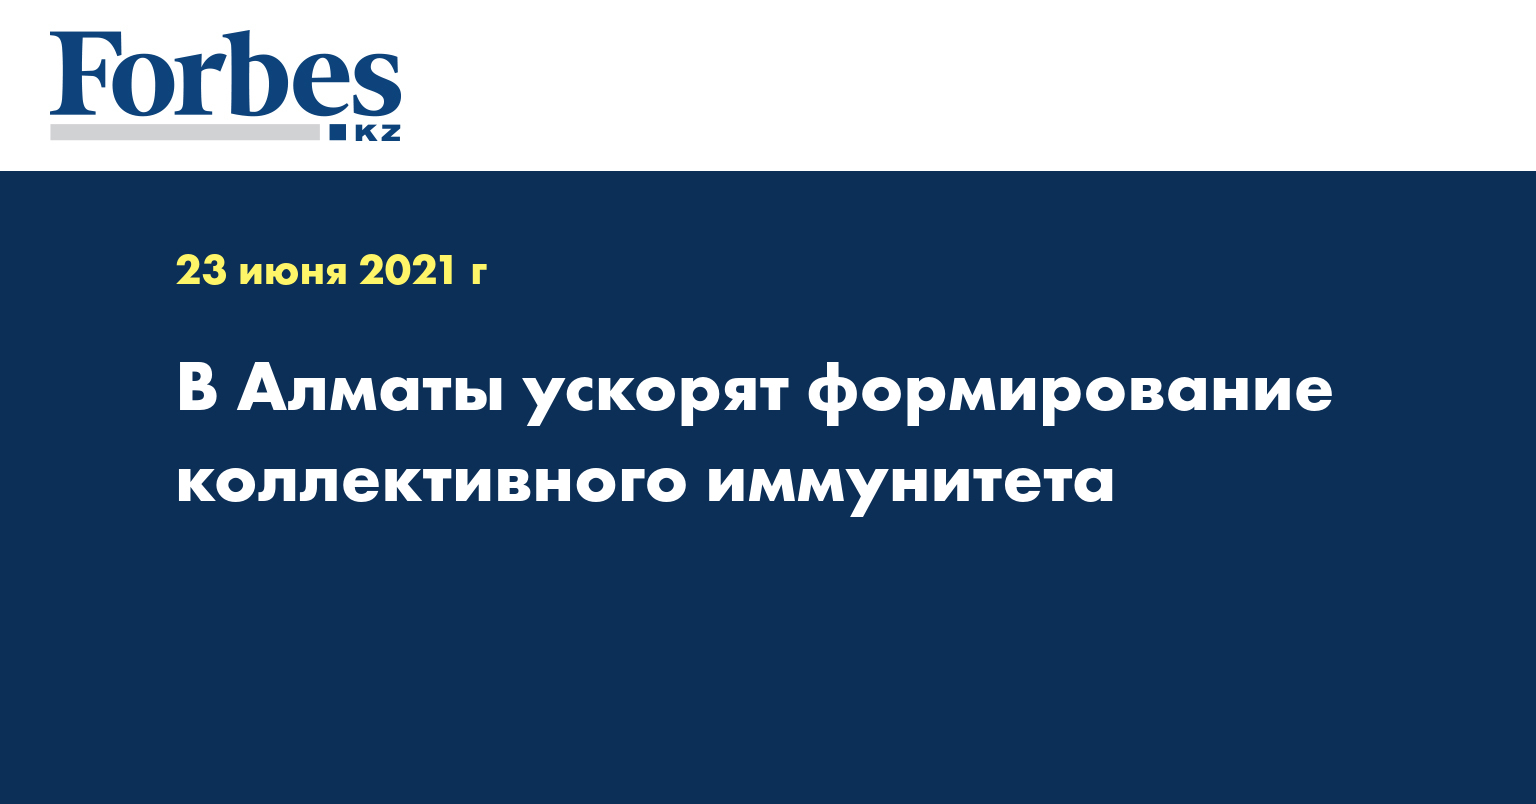 В Алматы ускорят формирование коллективного иммунитета